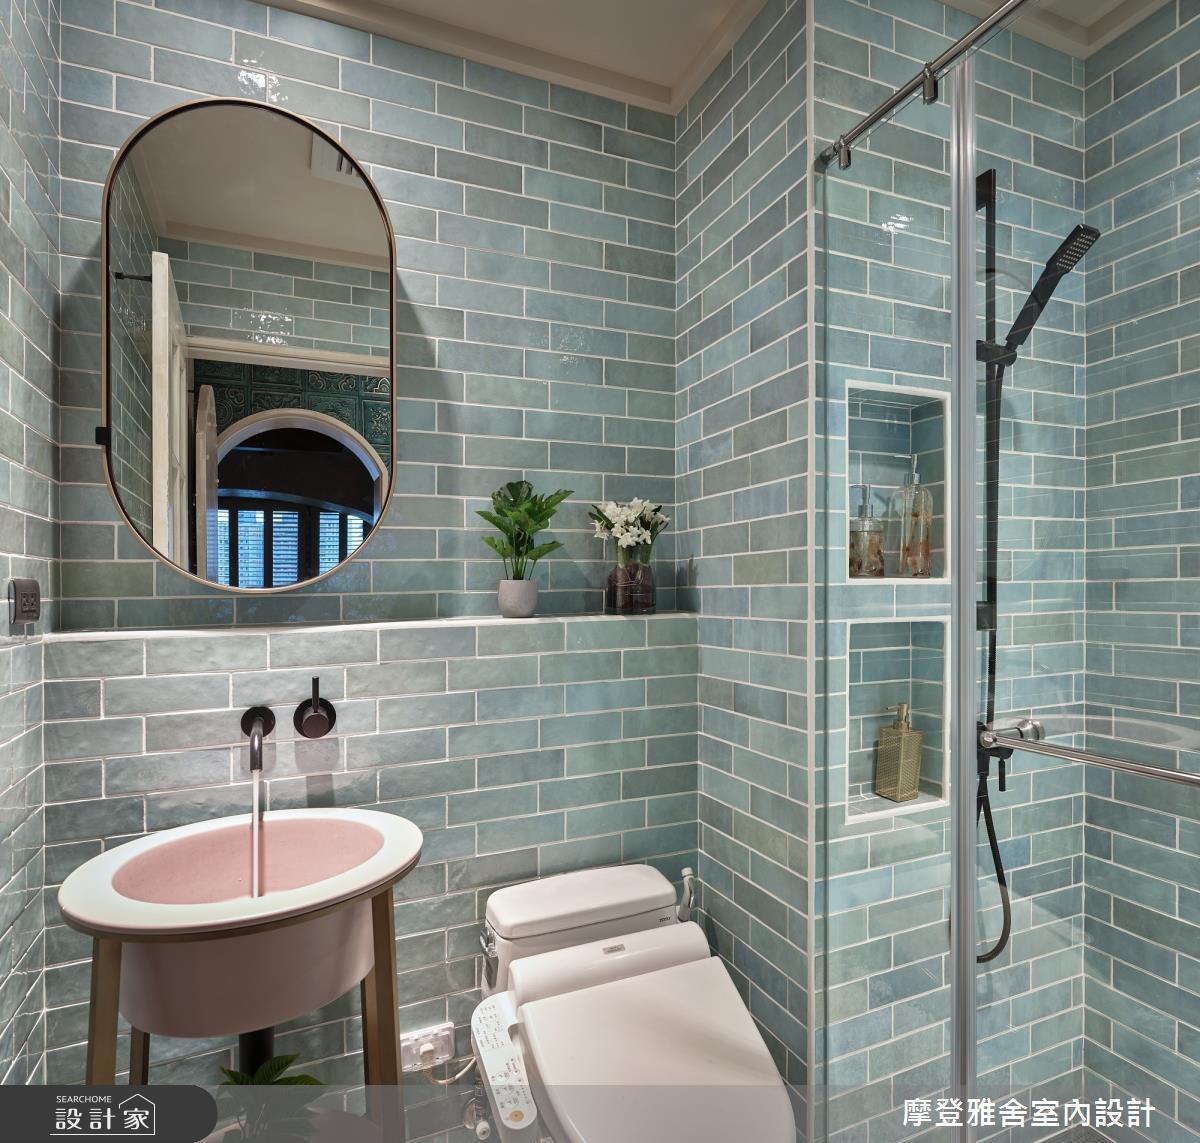 30坪新成屋(5年以下)_鄉村風浴室案例圖片_摩登雅舍室內設計_摩登雅舍_79之33